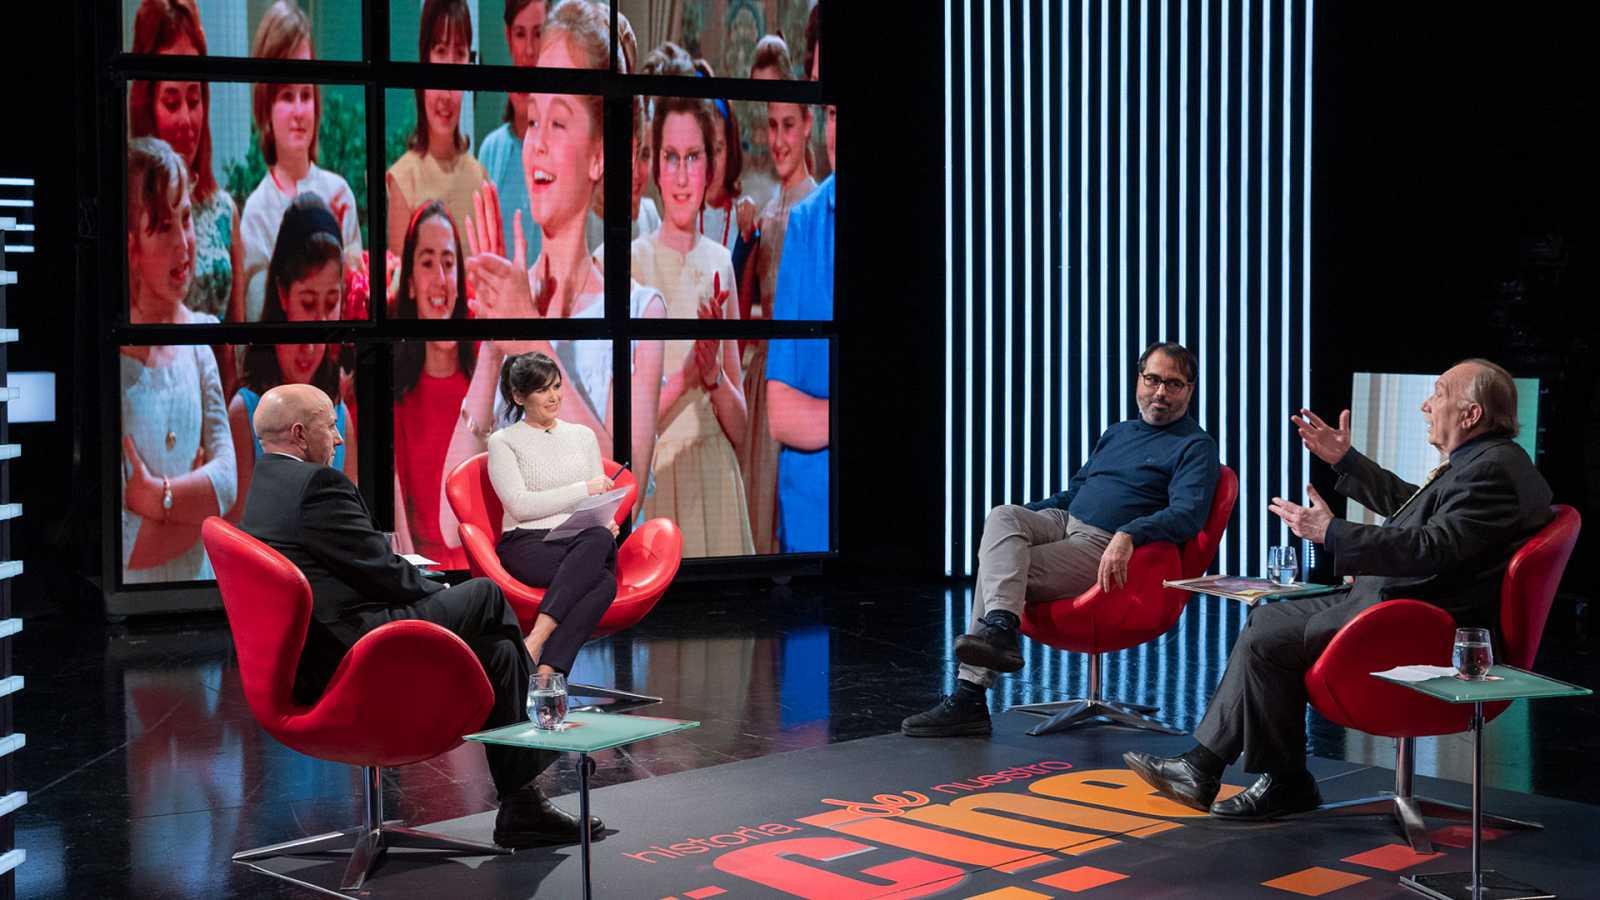 Historia de nuestro cine - Coloquio: Marisol - ver ahora